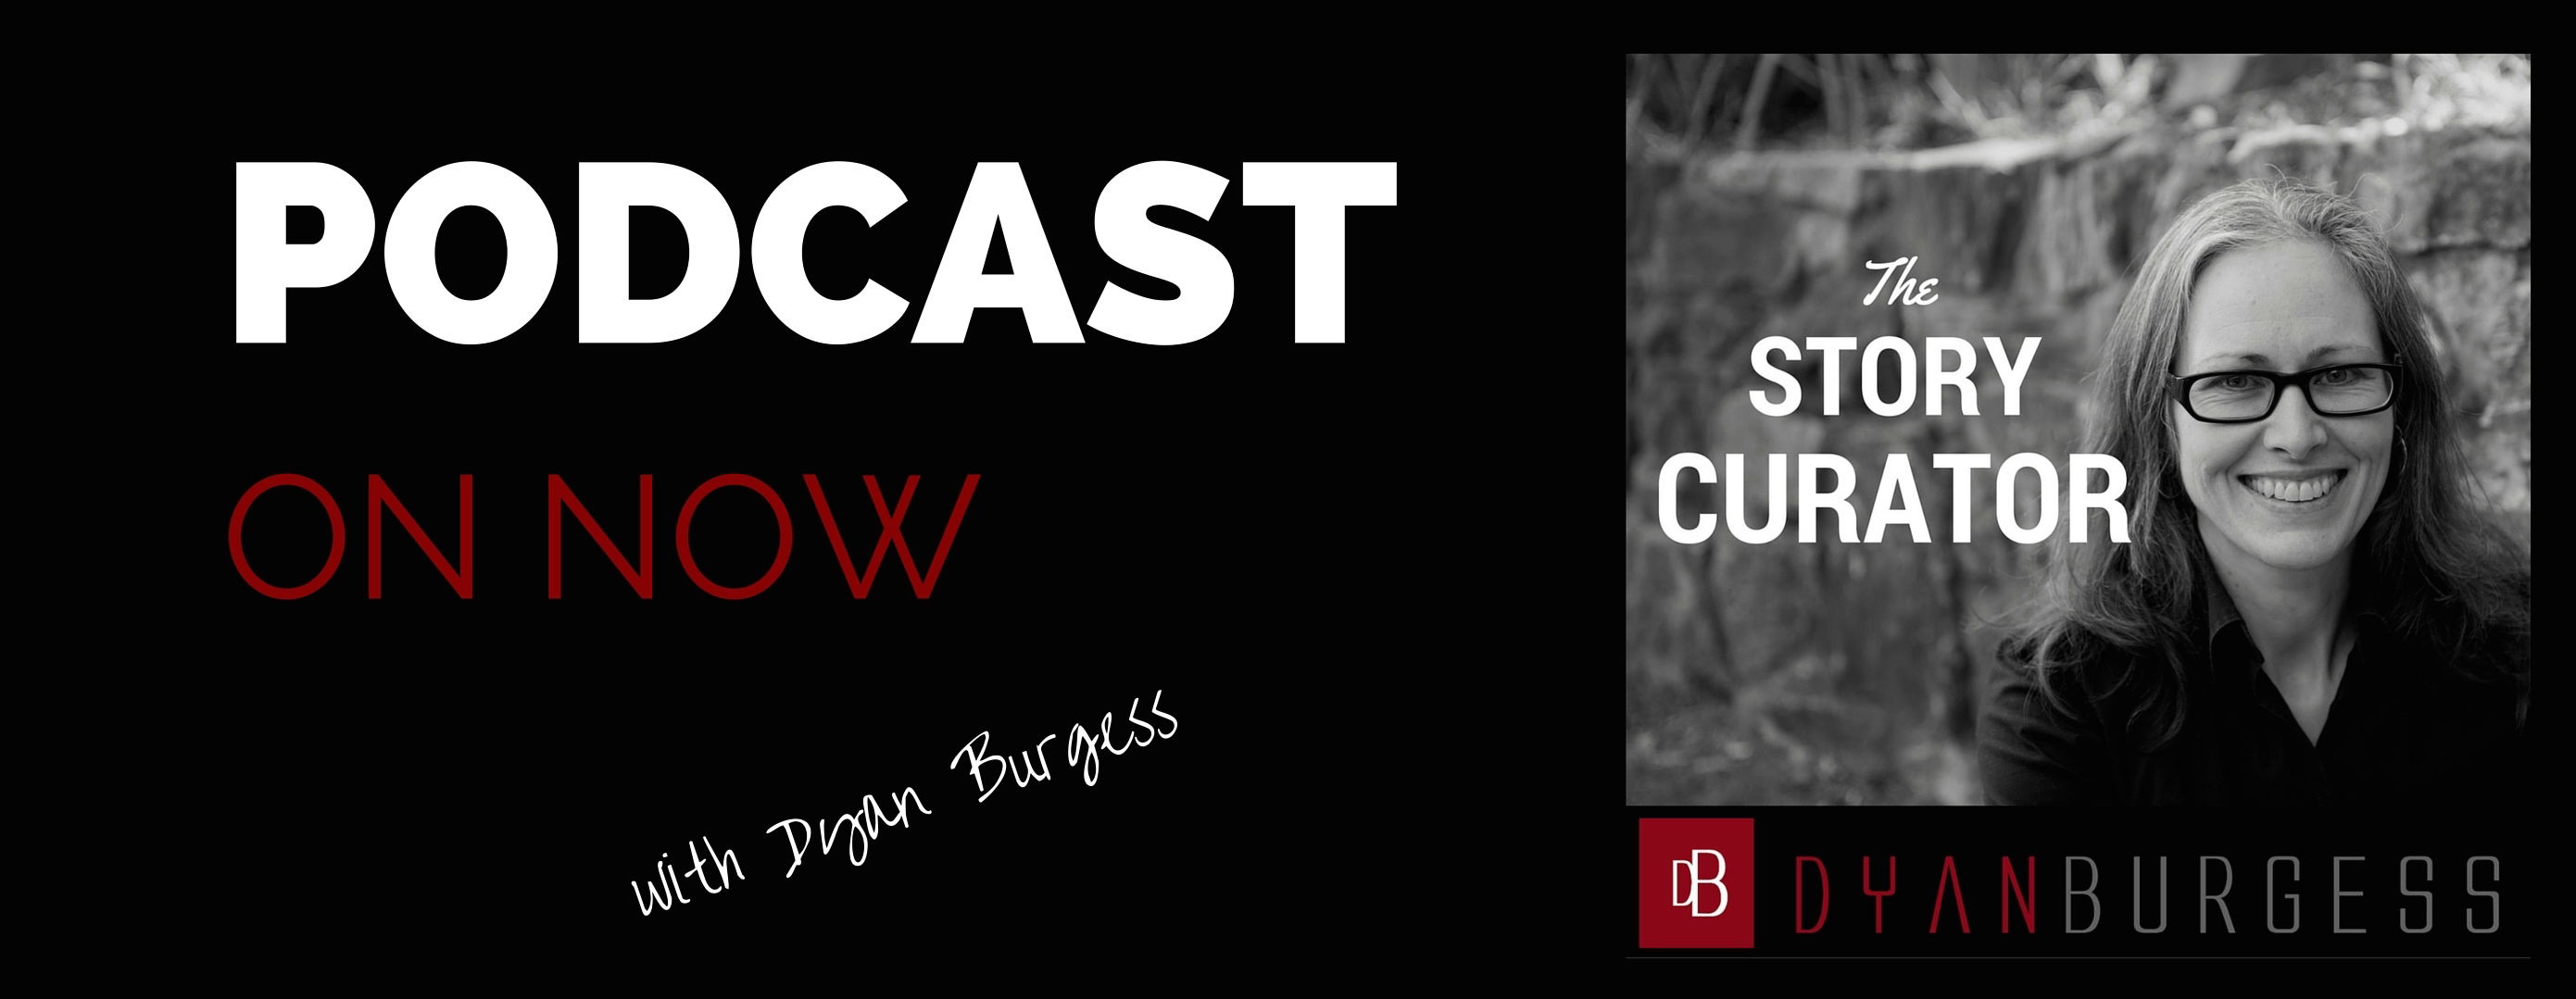 dyanburgess's podcast show art